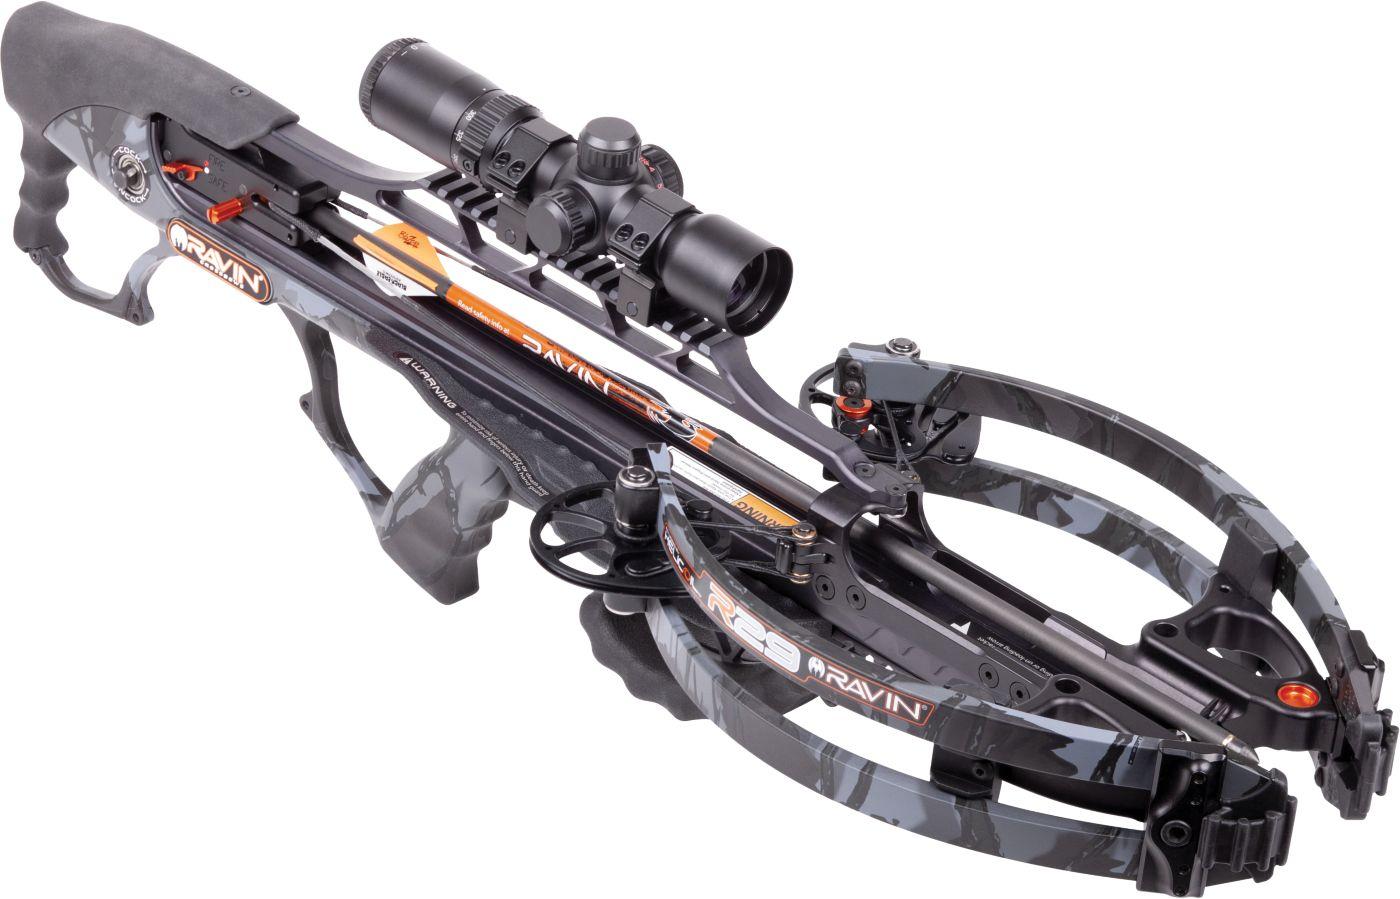 Ravin R29 Crossbow Package - 430 fps